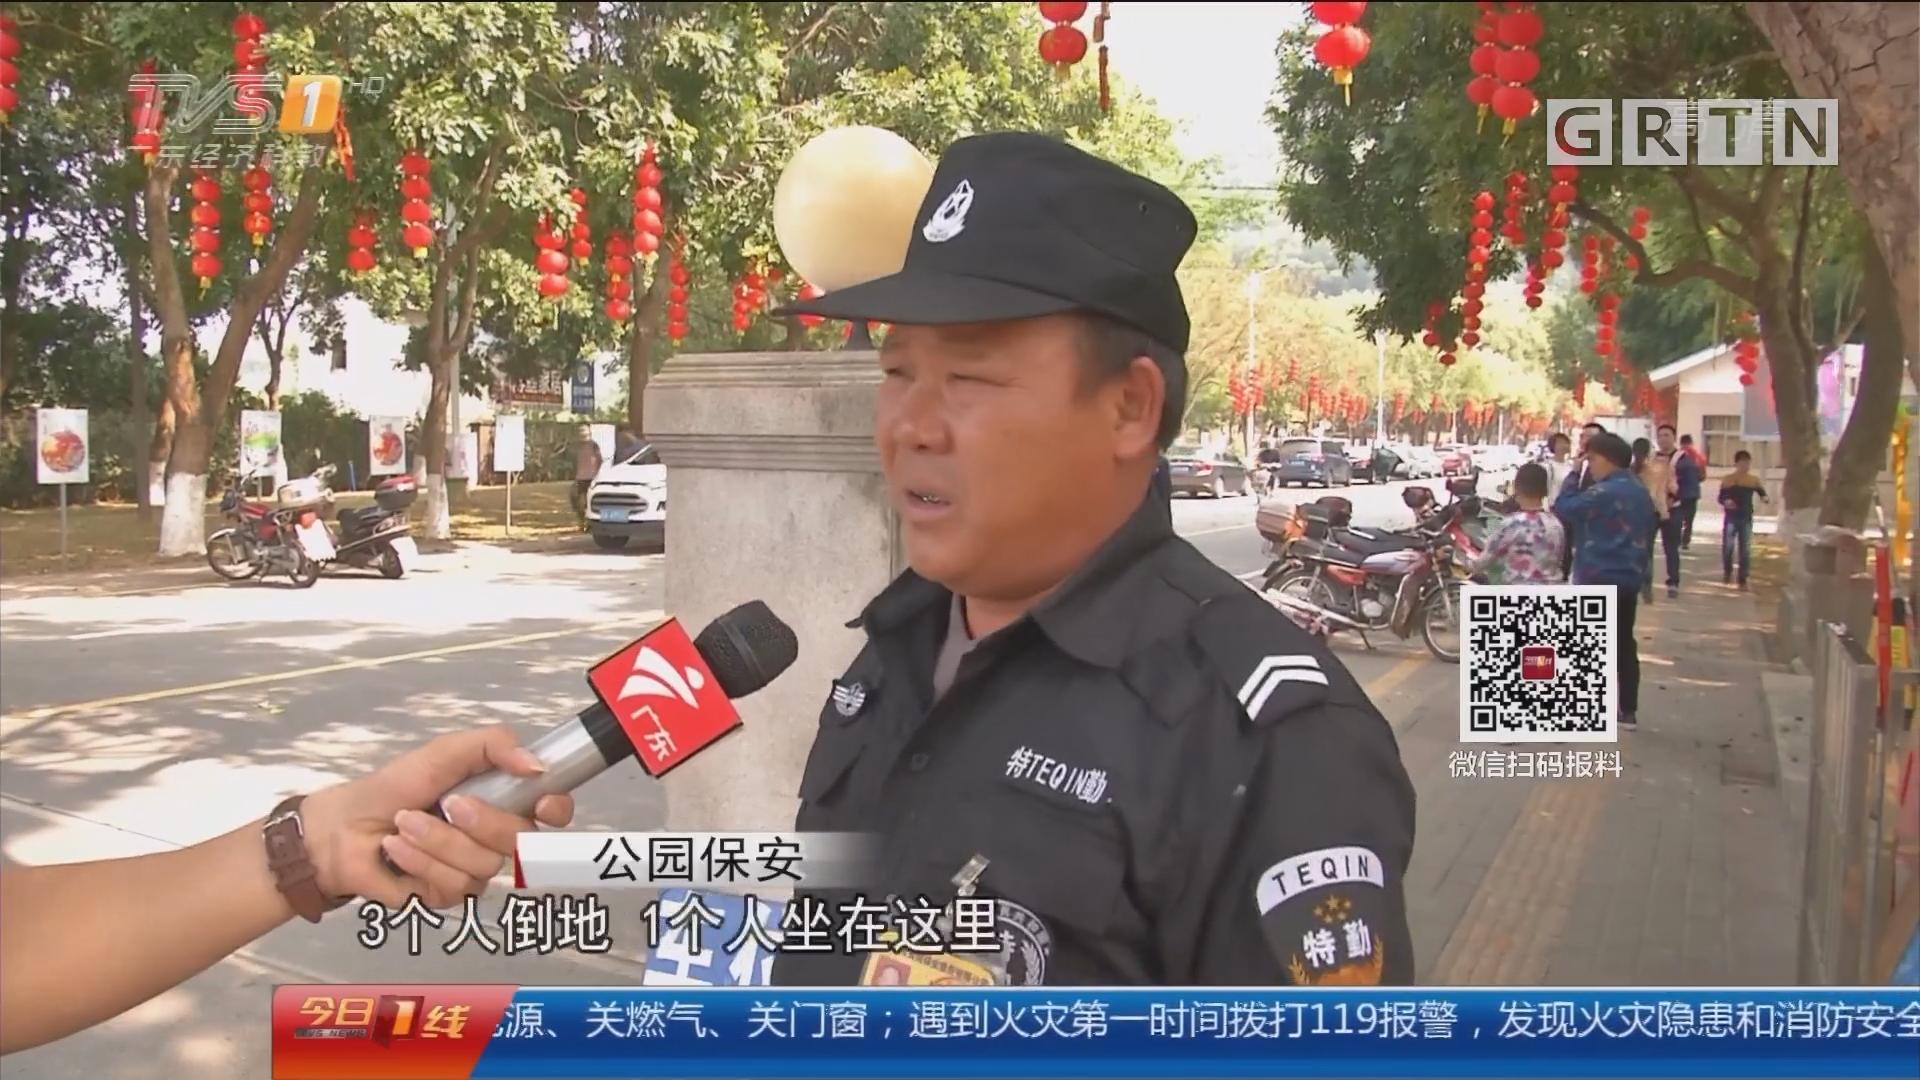 假期安全提醒:广州增城 警方通报:小车疑操作失误连撞数人